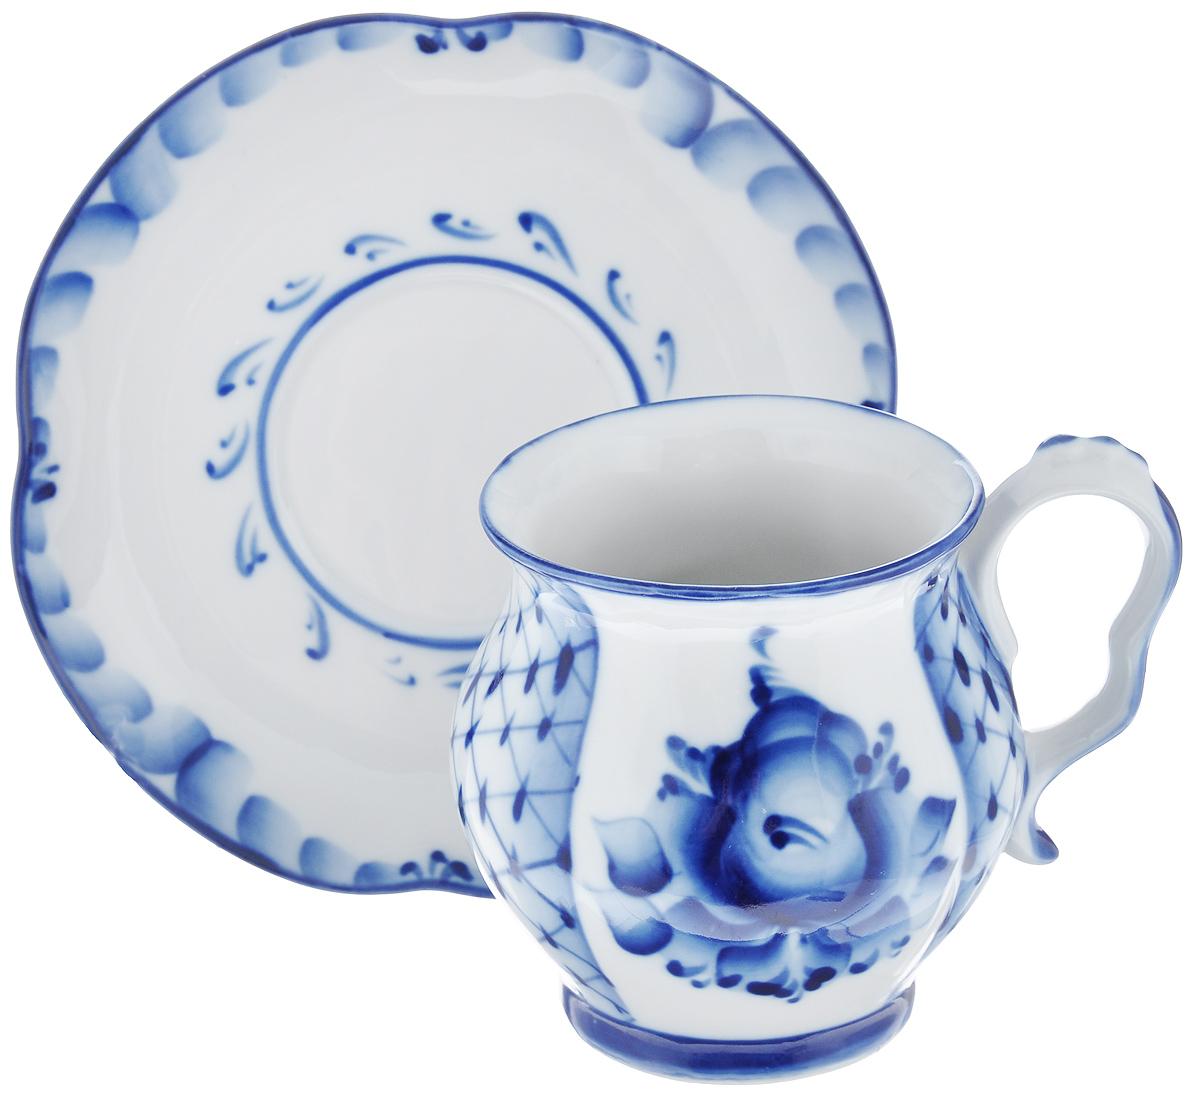 Чайная пара Голубая рапсодия, цвет: белый, синий, 2 предмета993066512Чайная пара Голубая рапсодия состоит из чашки и блюдца, выполненных из высококачественной керамики и оформленных гжельской росписью. Яркий дизайн, несомненно, придется вам по вкусу. Чайная пара Голубая рапсодия украсит ваш кухонный стол, а также станет замечательным подарком к любому празднику. Объем чашки: 300 мл. Диаметр чашки (по верхнему краю): 7,7 см. Диаметр дна чашки: 6 см. Высота чашки: 9,5 см. Диаметр блюдца: 15,5 см. Высота блюдца: 2,2 см.